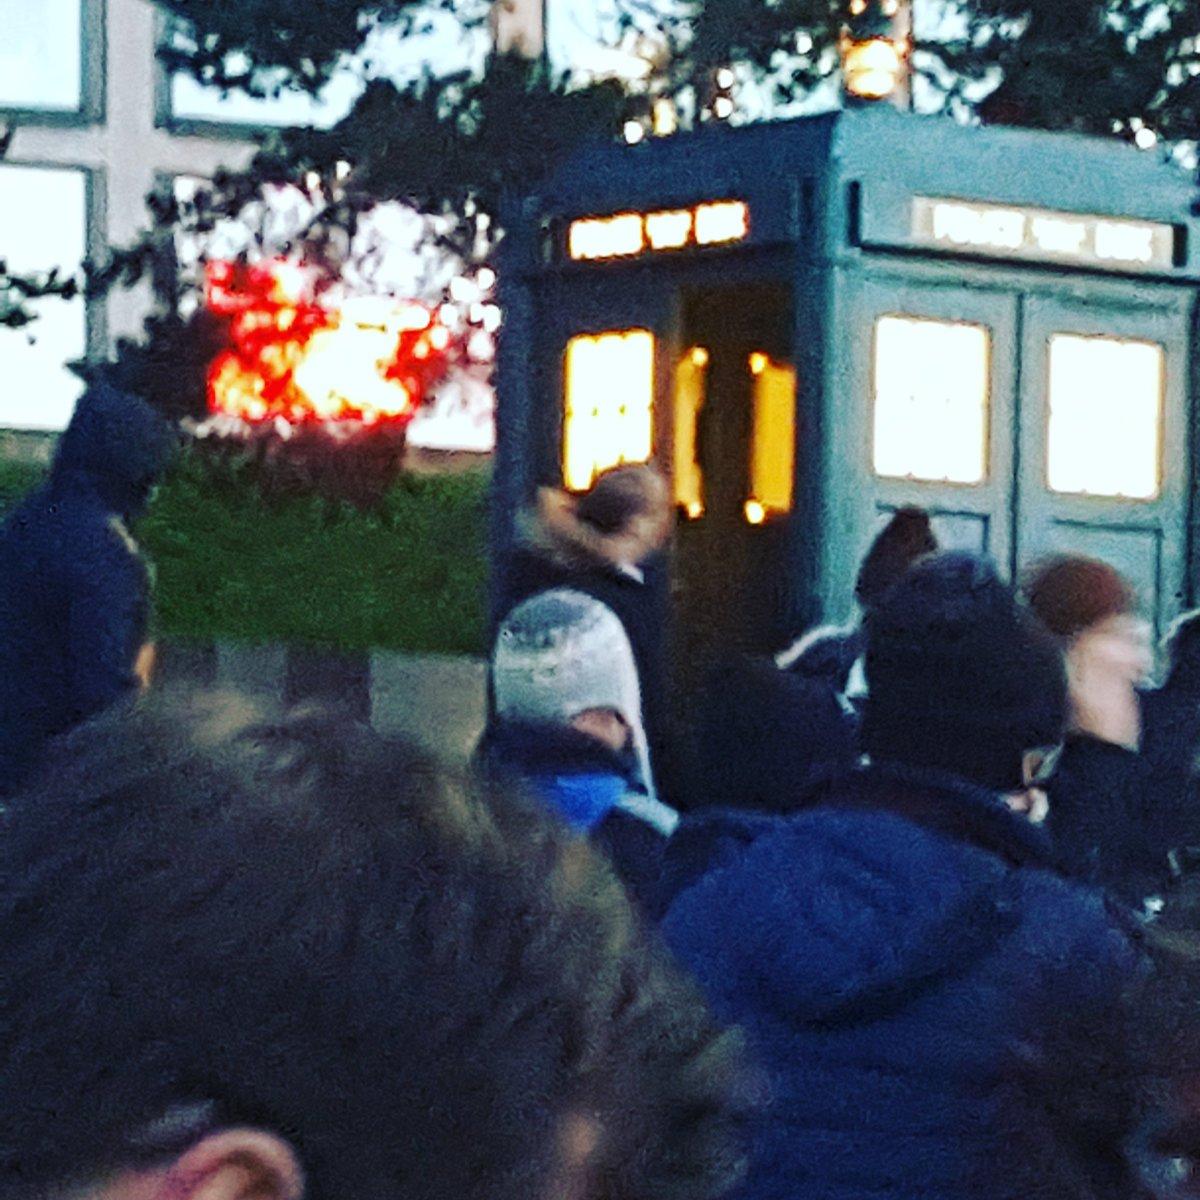 RyanOxley's photo on TARDIS